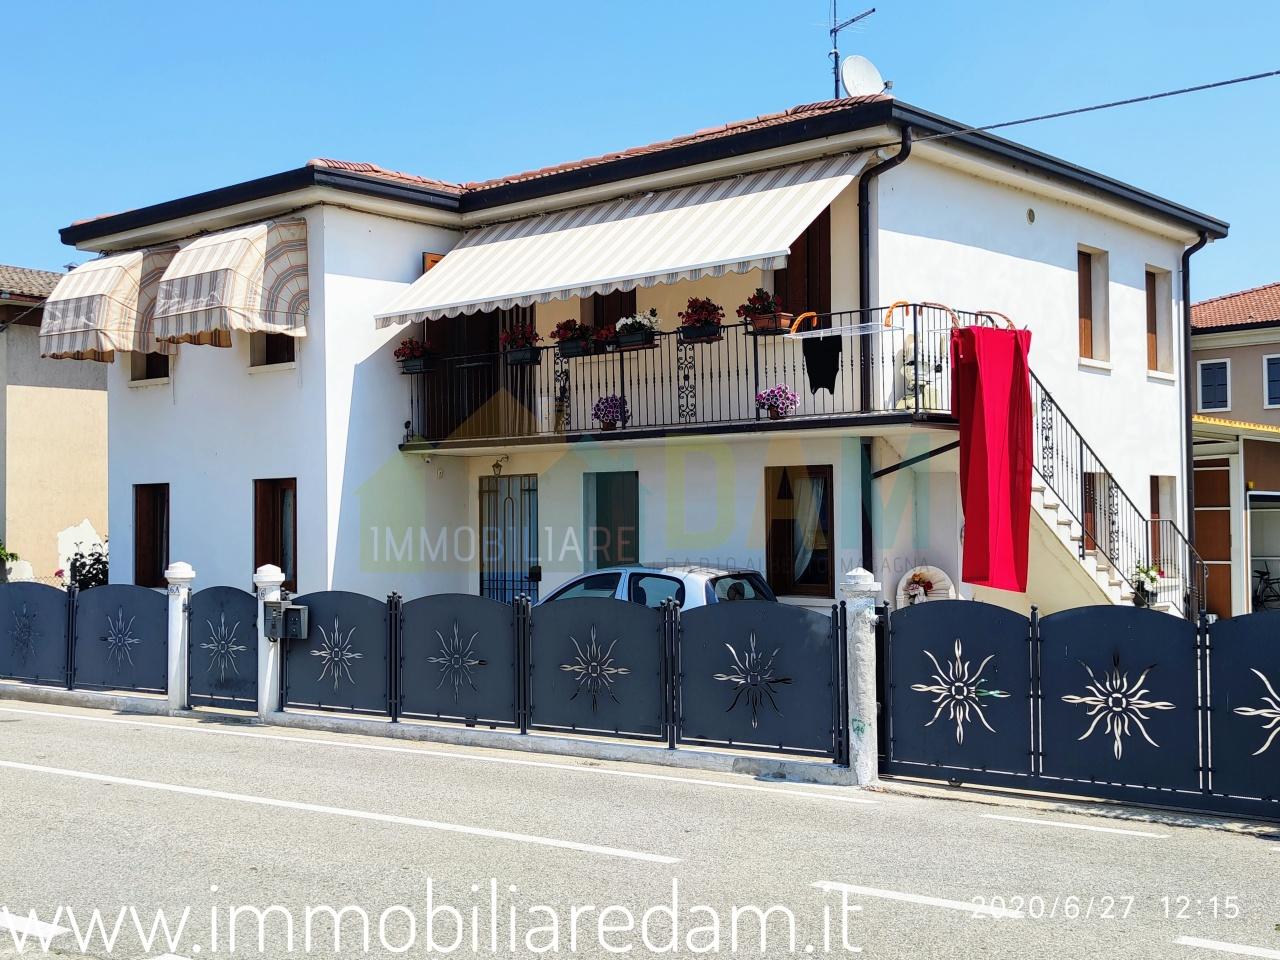 Soluzione Semindipendente in vendita a Camisano Vicentino, 8 locali, prezzo € 180.000 | PortaleAgenzieImmobiliari.it